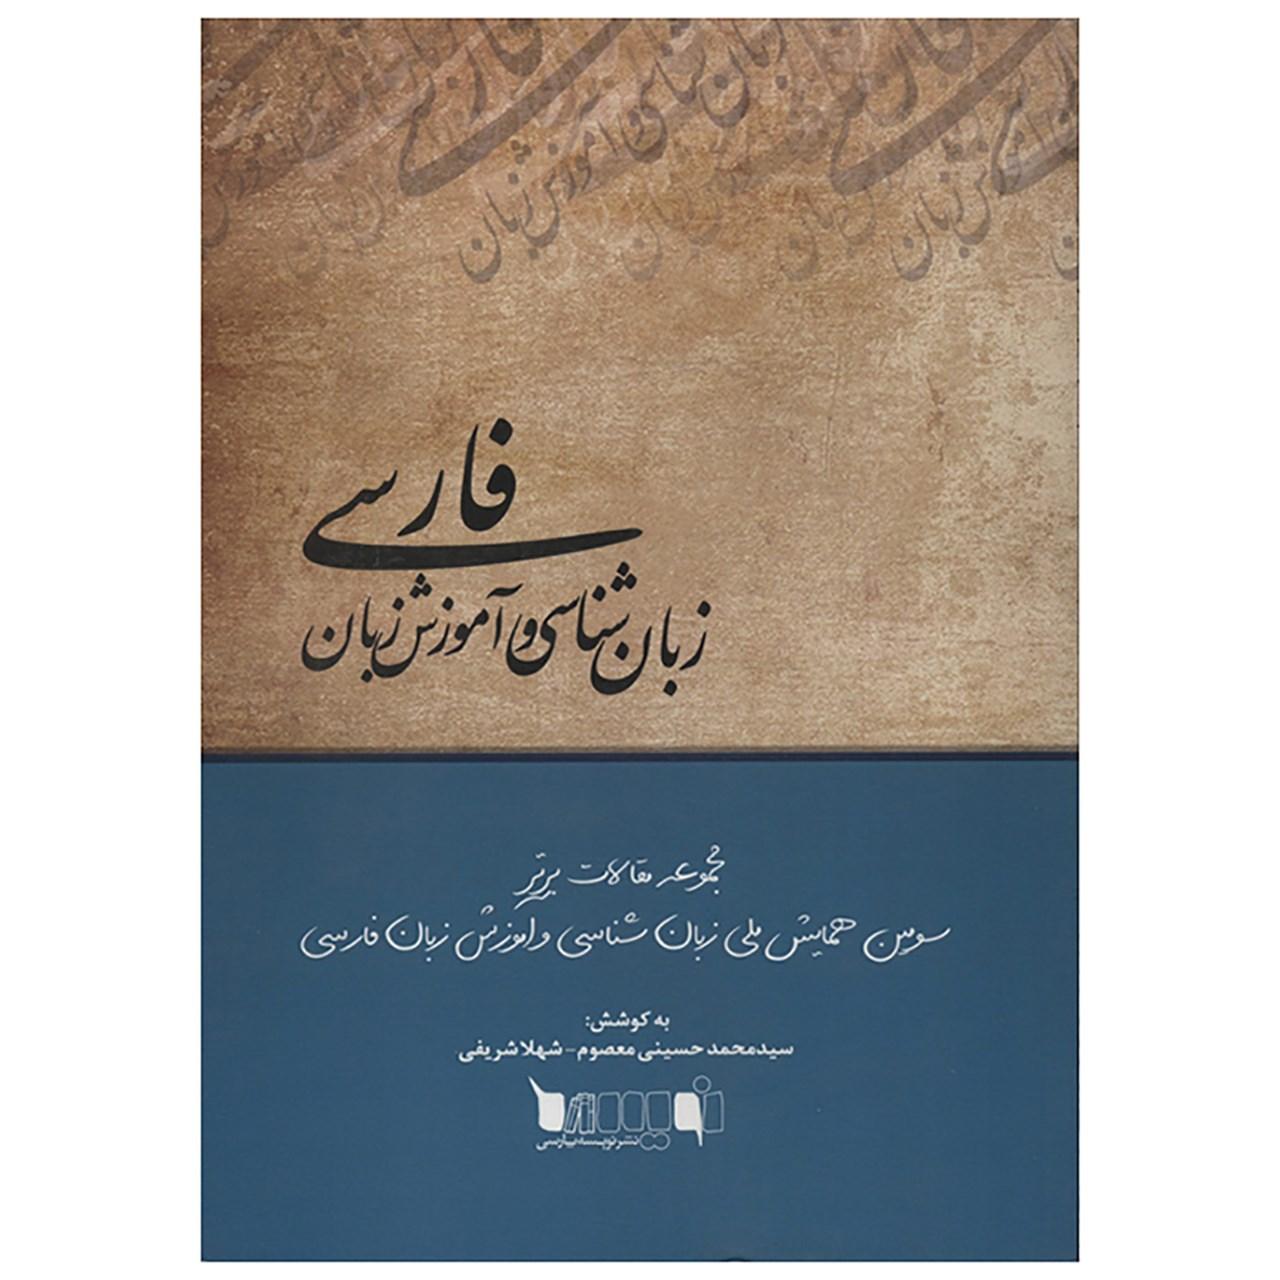 کتاب زبان شناسی و آموزش زبان فارسی مجموعه مقالات برتر